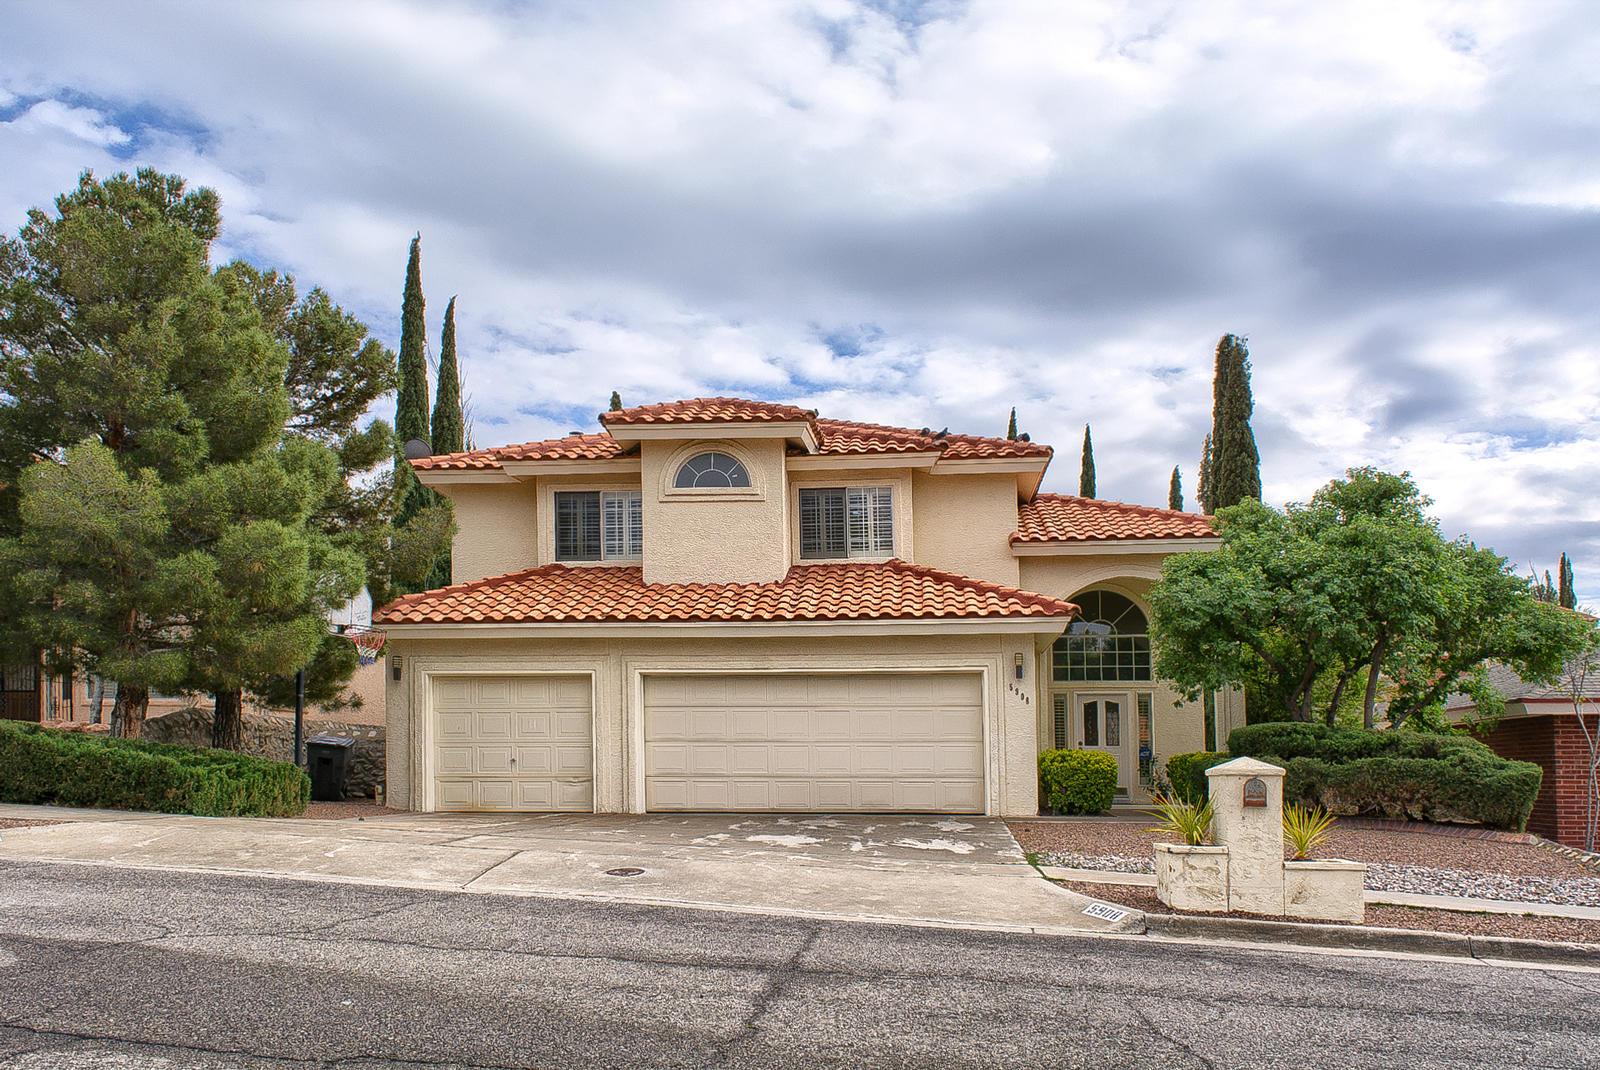 5908 Via Cuesta, El Paso, Texas 79912, 4 Bedrooms Bedrooms, ,3 BathroomsBathrooms,Residential,For sale,Via Cuesta,806213